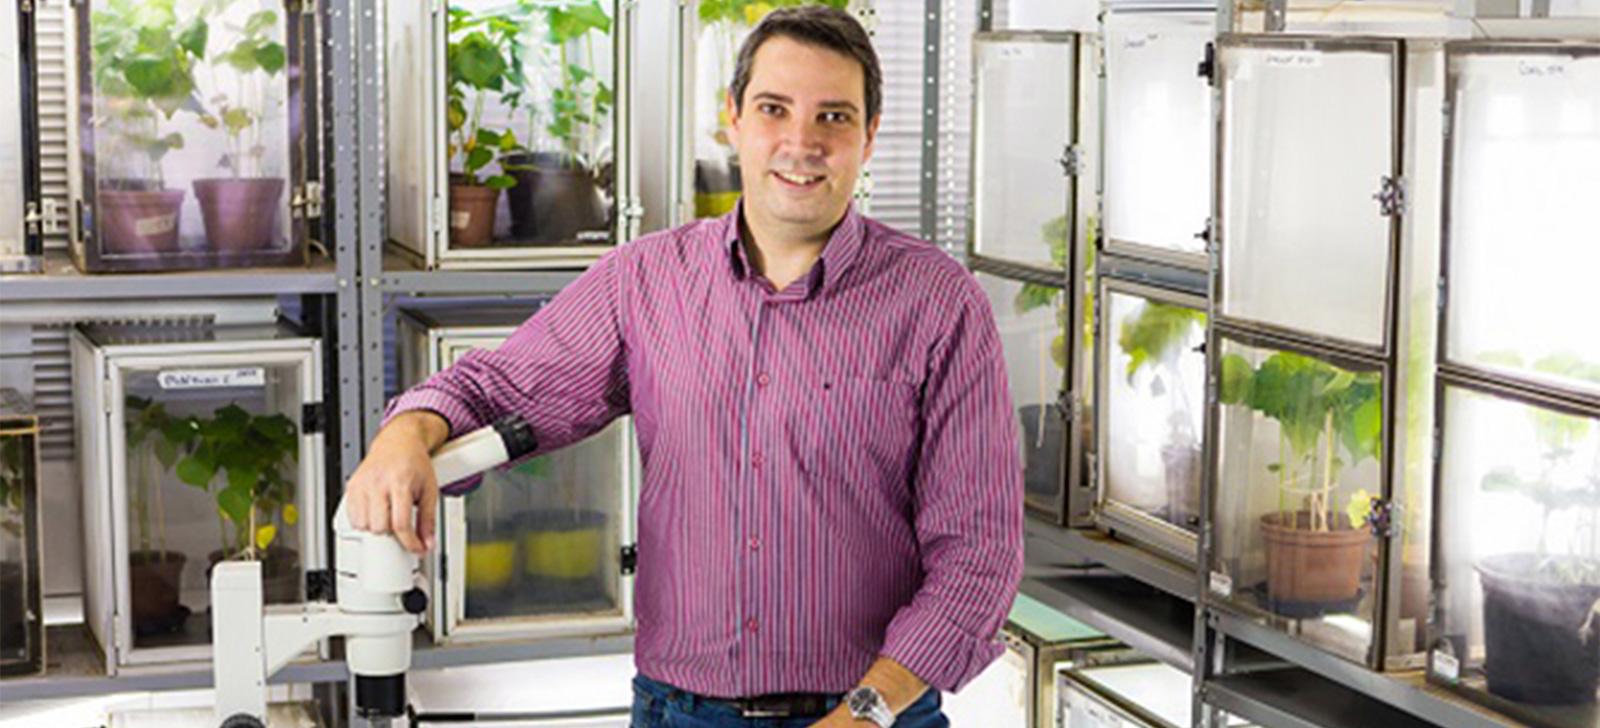 promip manejo integrado de pragas controle biologico desempenho destaque startups apoiadas pela FAPESP